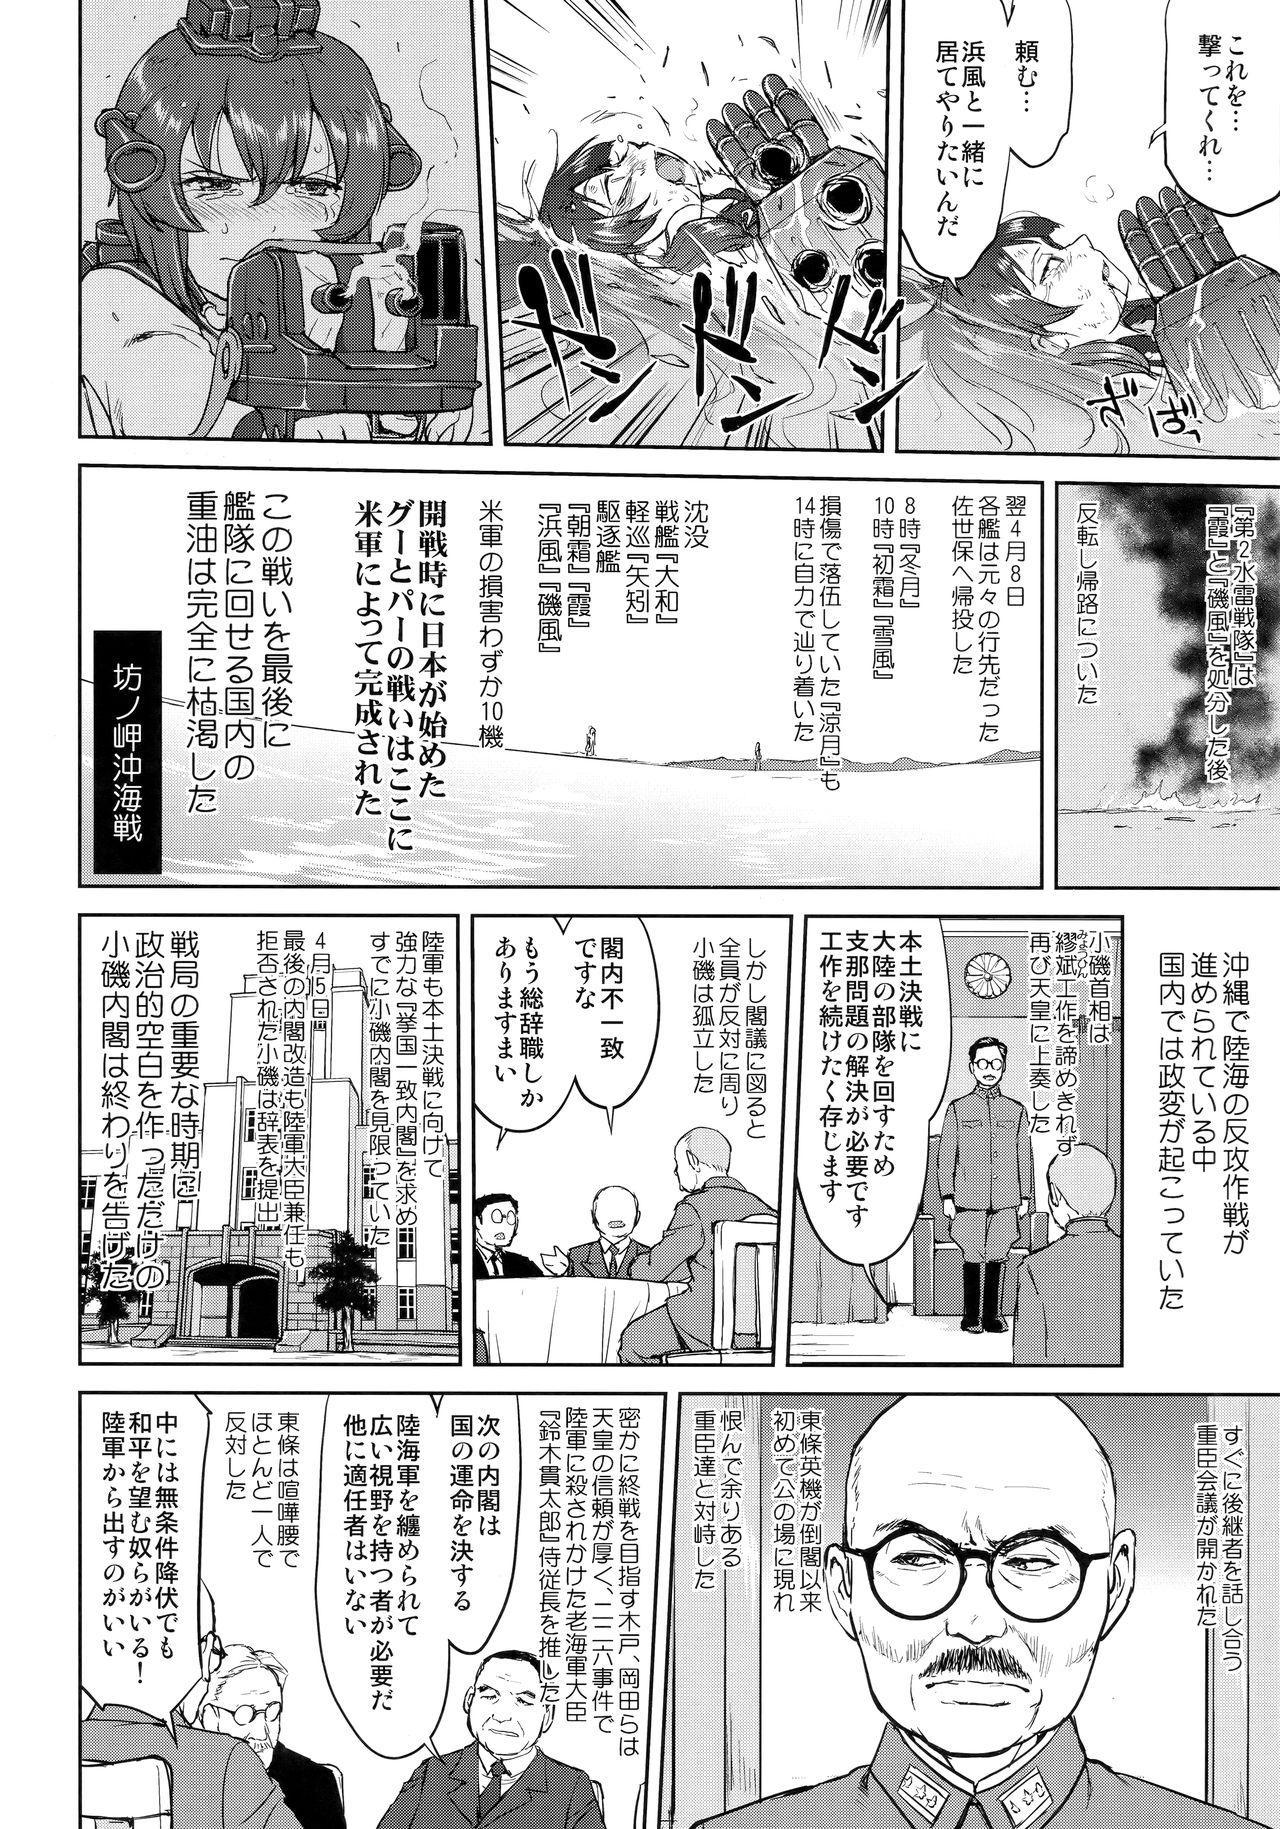 Teitoku no Ketsudan Kanmusu no Ichiban Nagai Hi 18